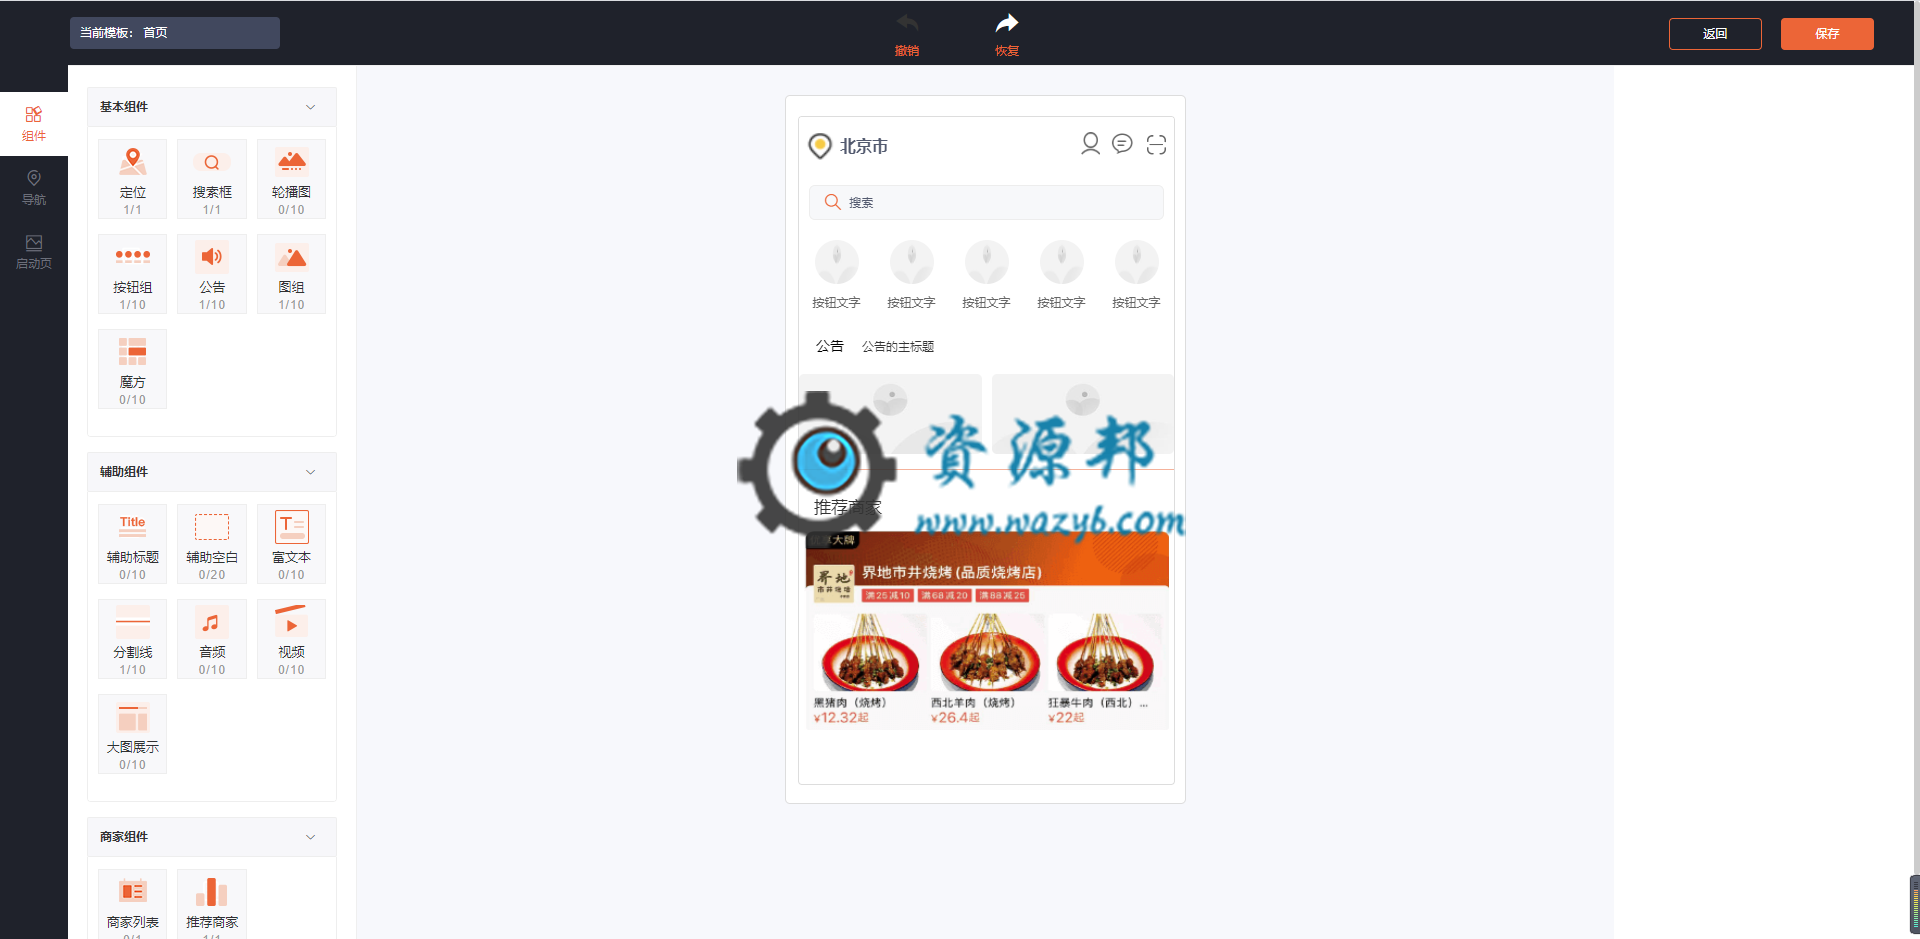 【微信小程序】云贝餐饮外卖O2O小程序V1.2.6完整安装包+云贝手机商家端小程序V1.0.5,新增商家推广码显示商家的logo 公众号应用 第6张